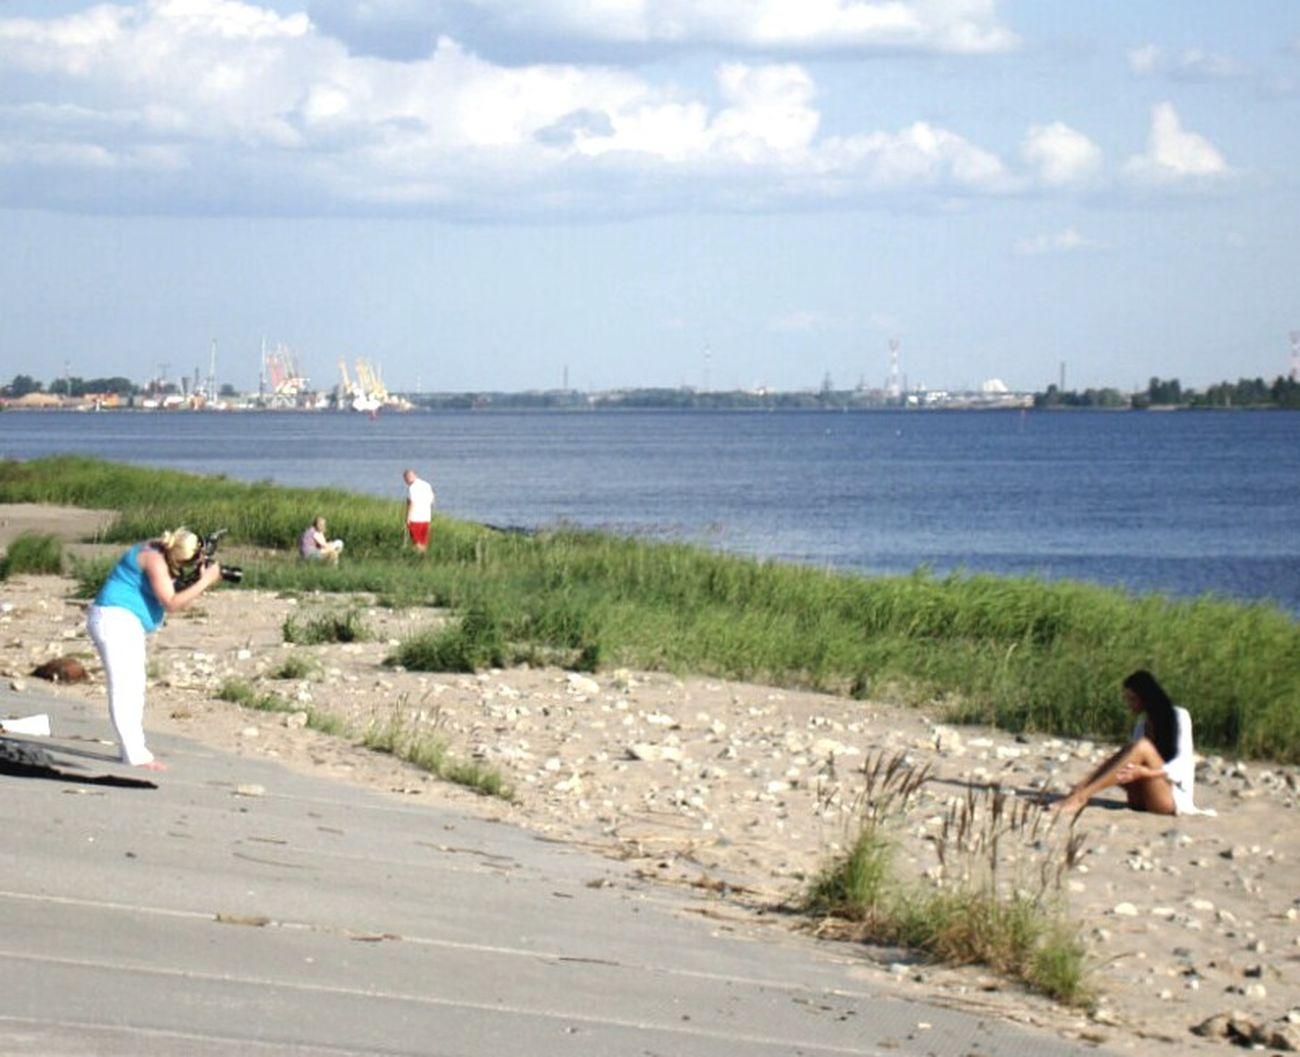 Riga On The River Taking Photos Enjoying Life